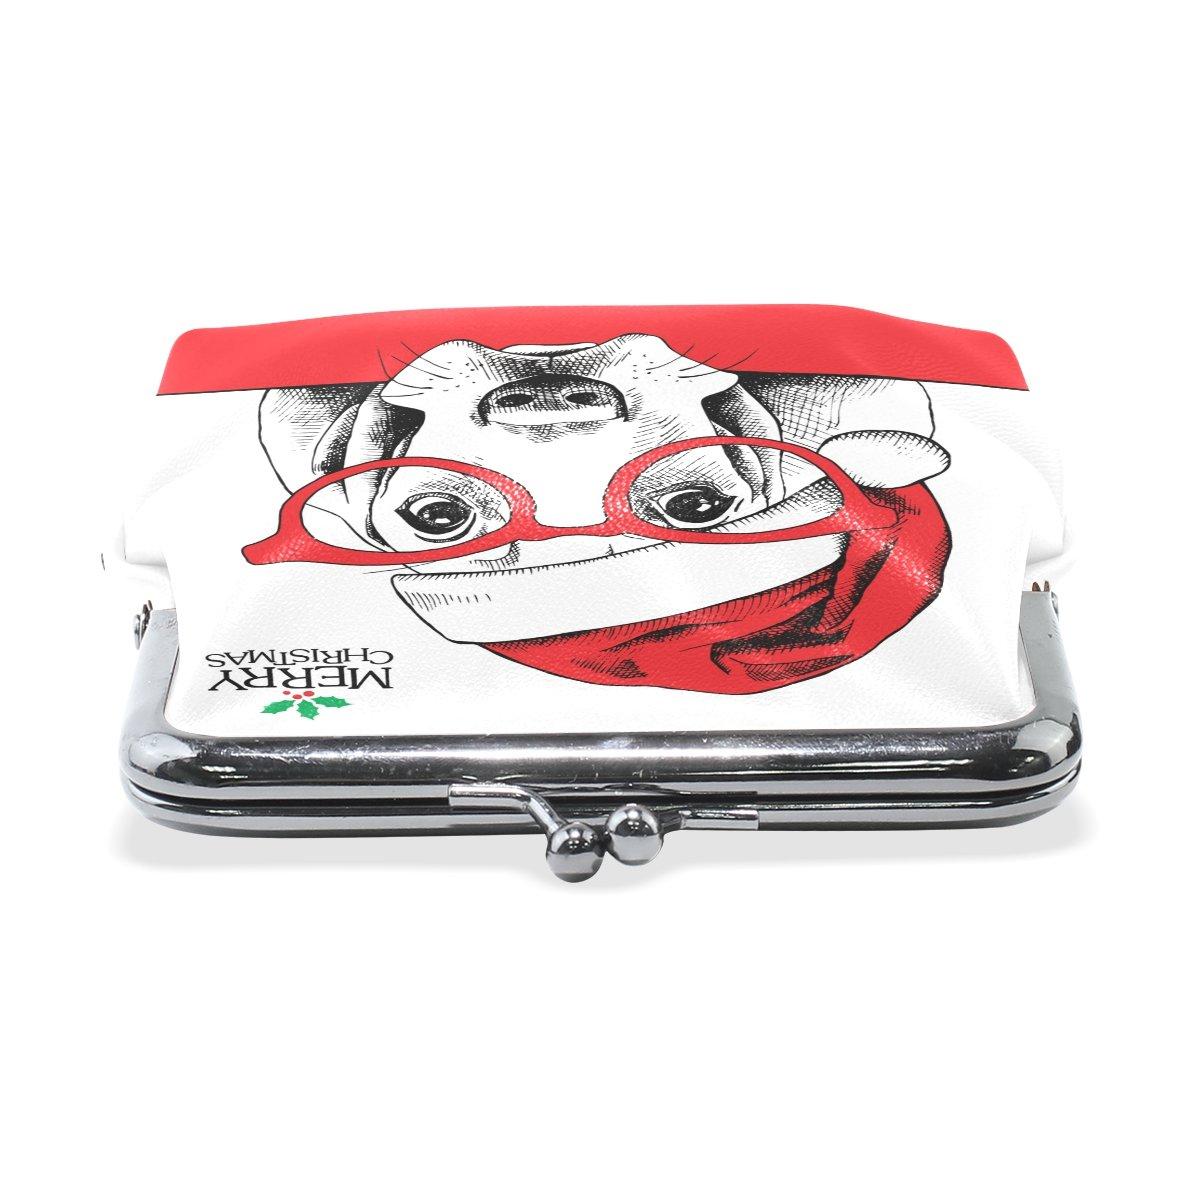 Coin Purse Cartoon Dog Wallet Buckle Clutch Handbag For Women Girls Gift